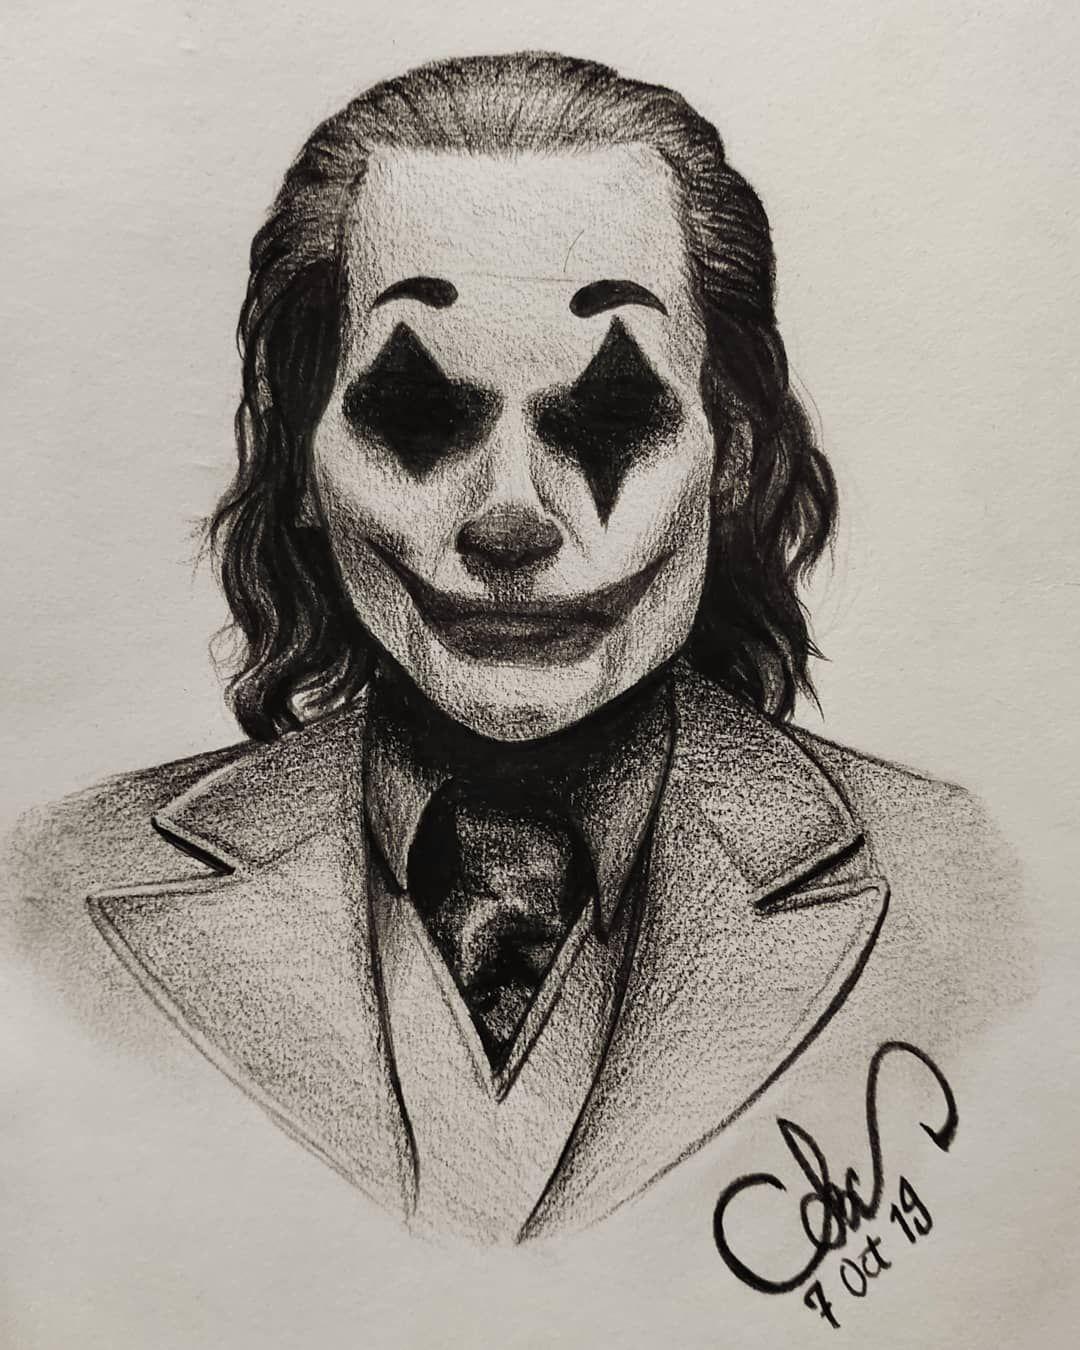 Sketch Charcoal Work 1 5 Hours Joker Joaquinphoenixjoker Joaquinphoenix Charcoal Work Bnw 2019 Movie S Joker Art Drawing Joker Drawings Scary Drawings